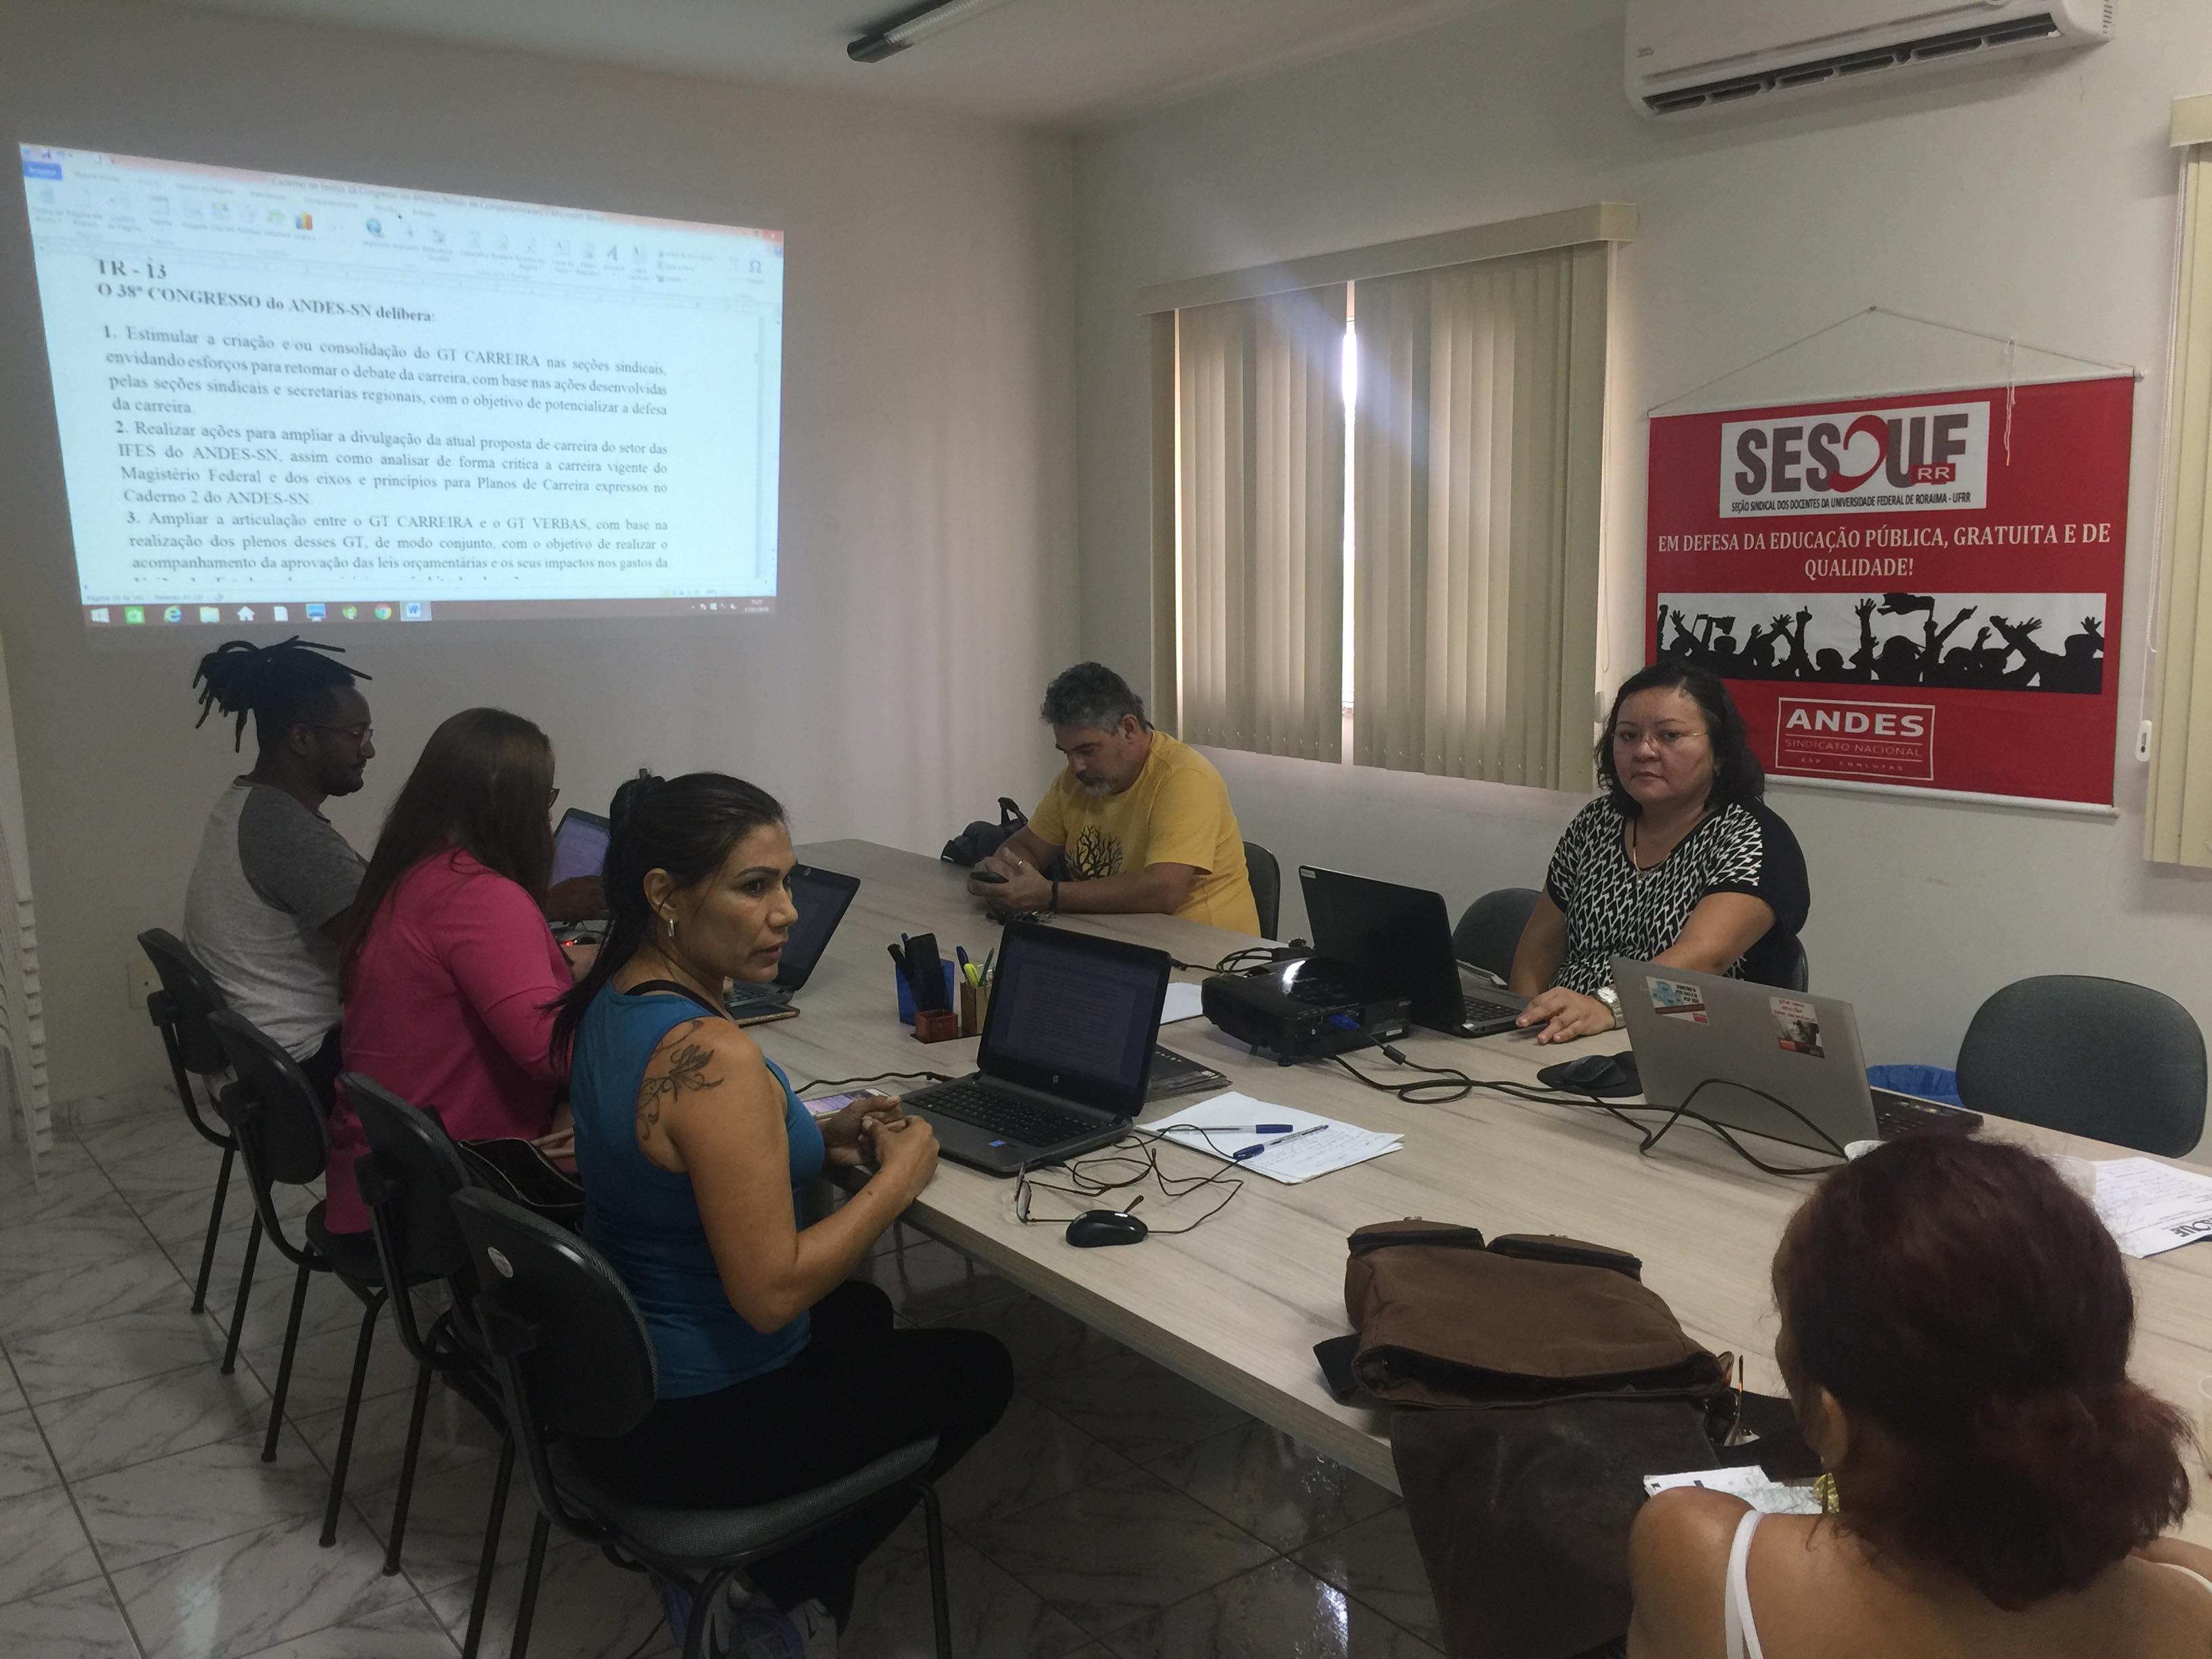 Diretoria e Base da SESDUF-RR realizam reunião ampliada para discussão de caderno de textos do 38º Congresso do ANDES-SN